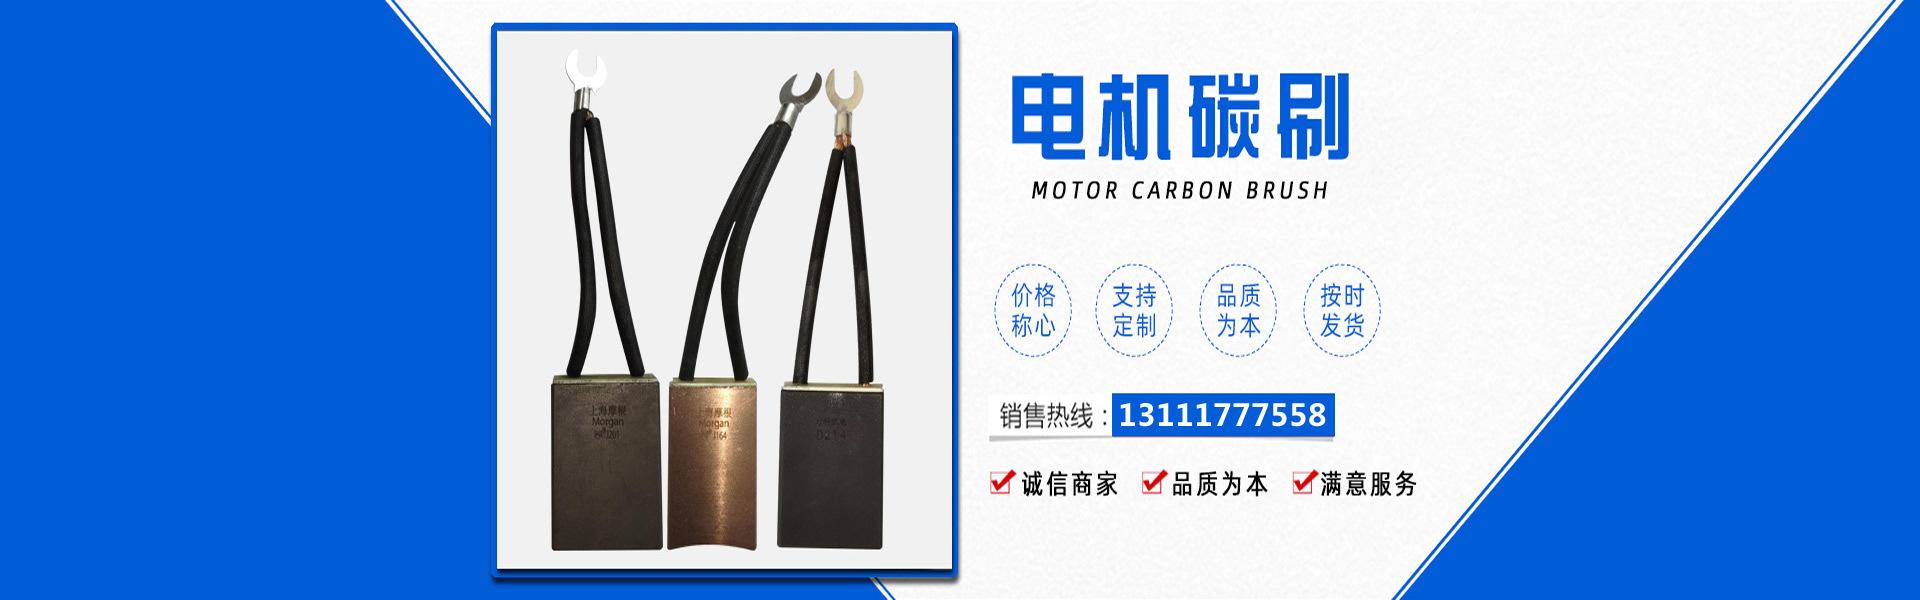 电机碳刷厂家